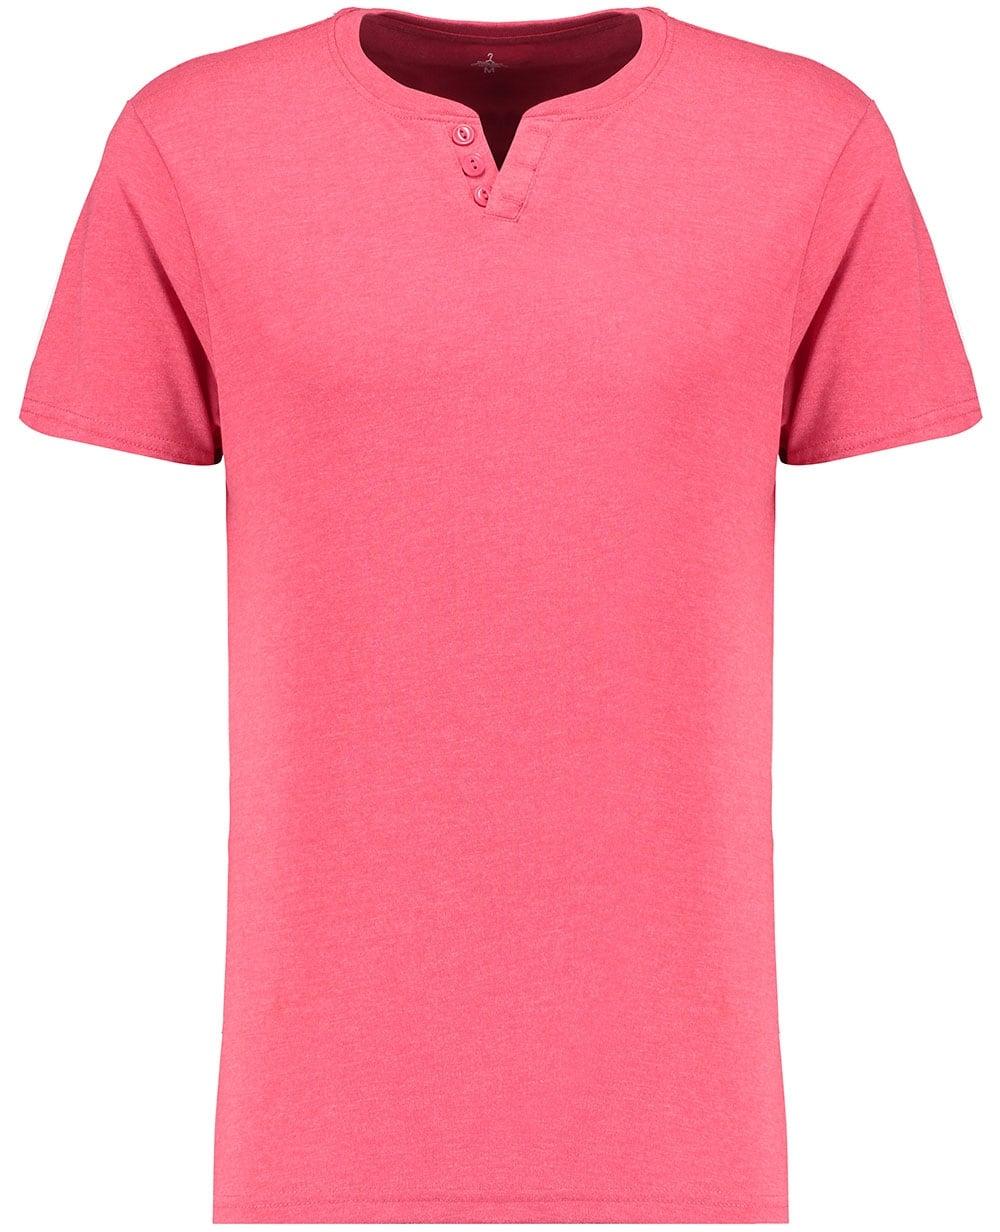 Industrialize Mens Grandad T Shirt Cotton Various